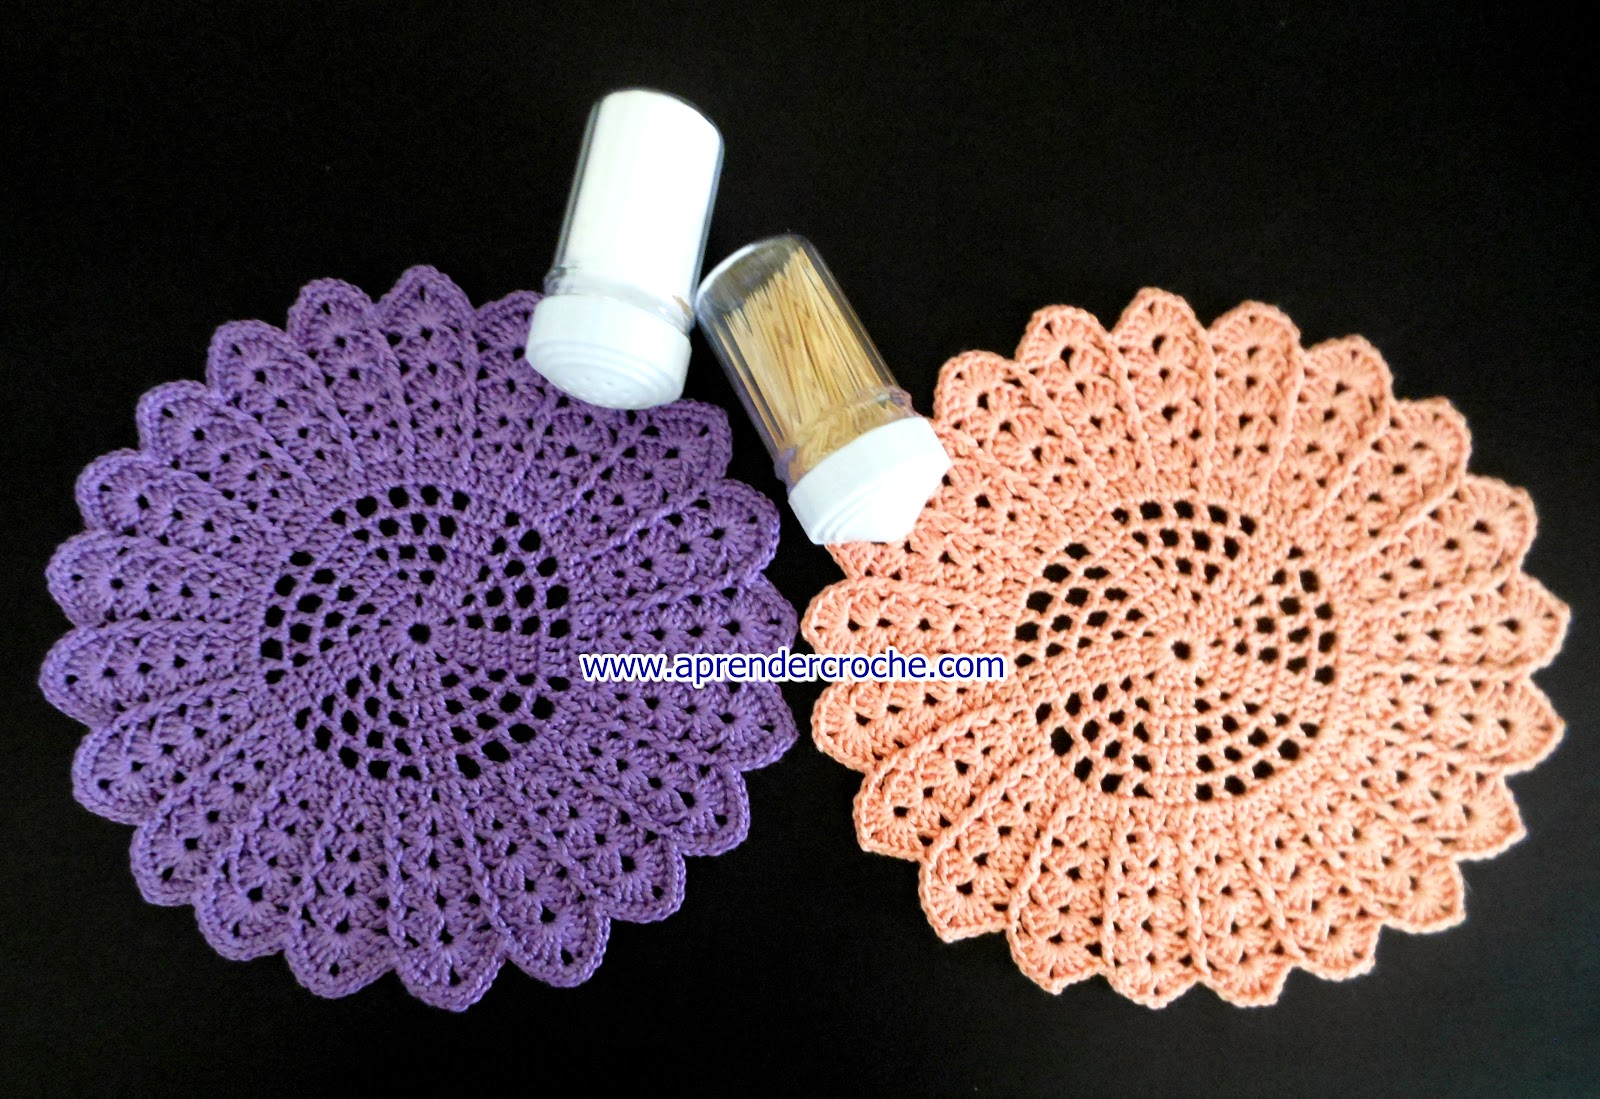 aprender croche com toalhinhas para renda-extra dvd loja curso de croche